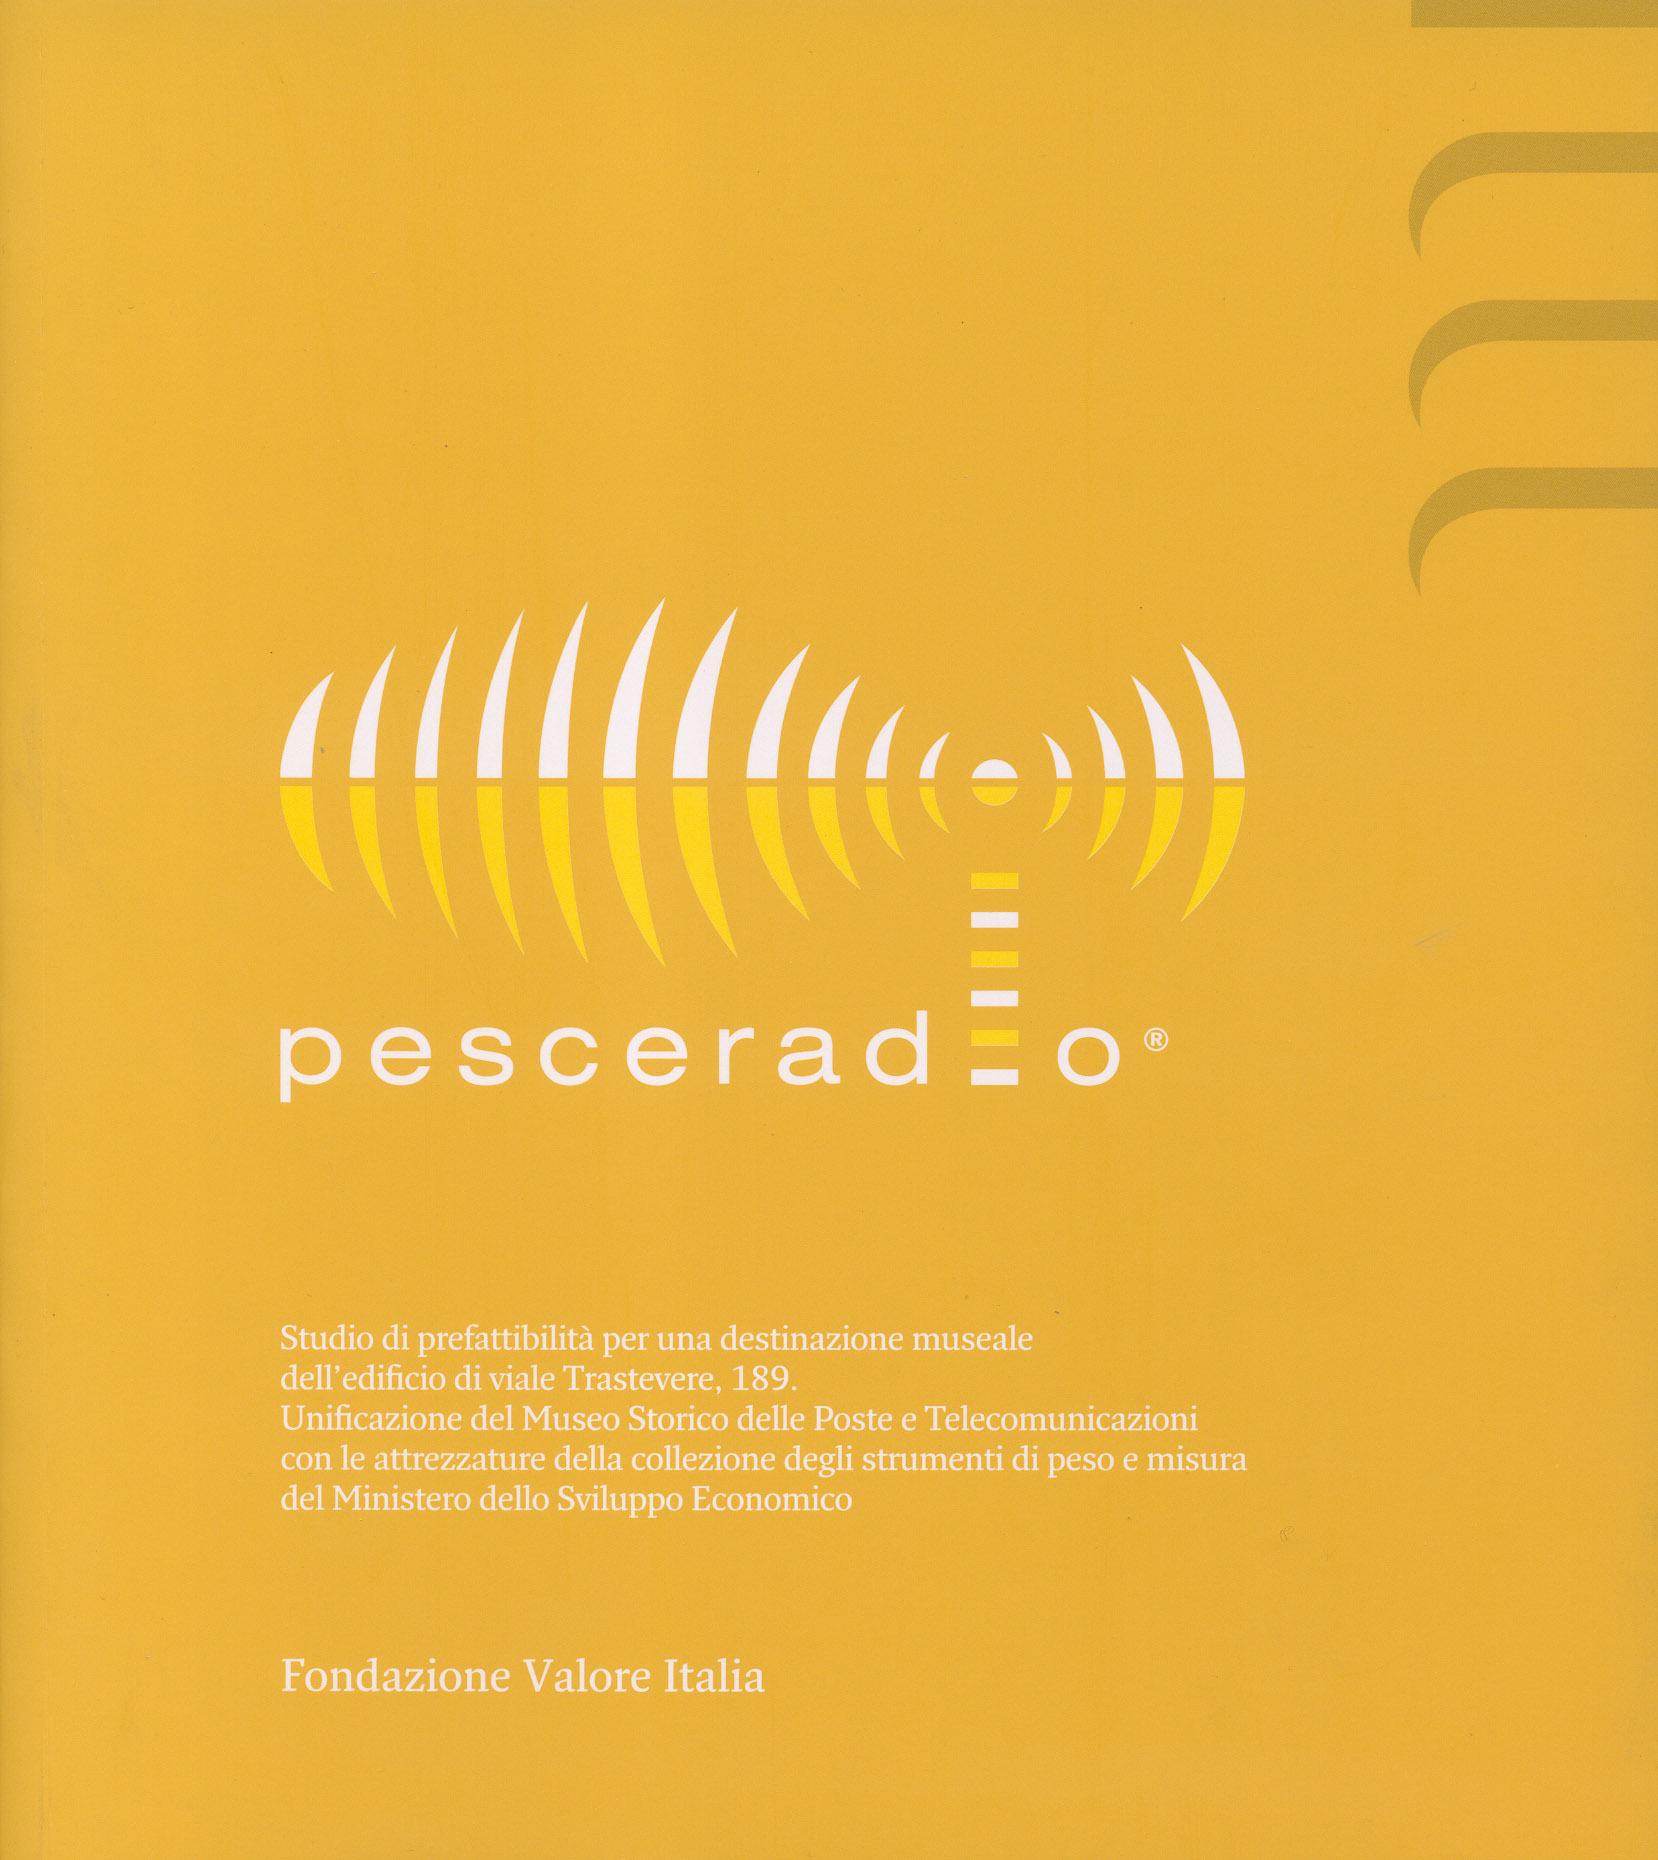 AA.VV. (2010) Pesceradio, Roma, F.V.I.